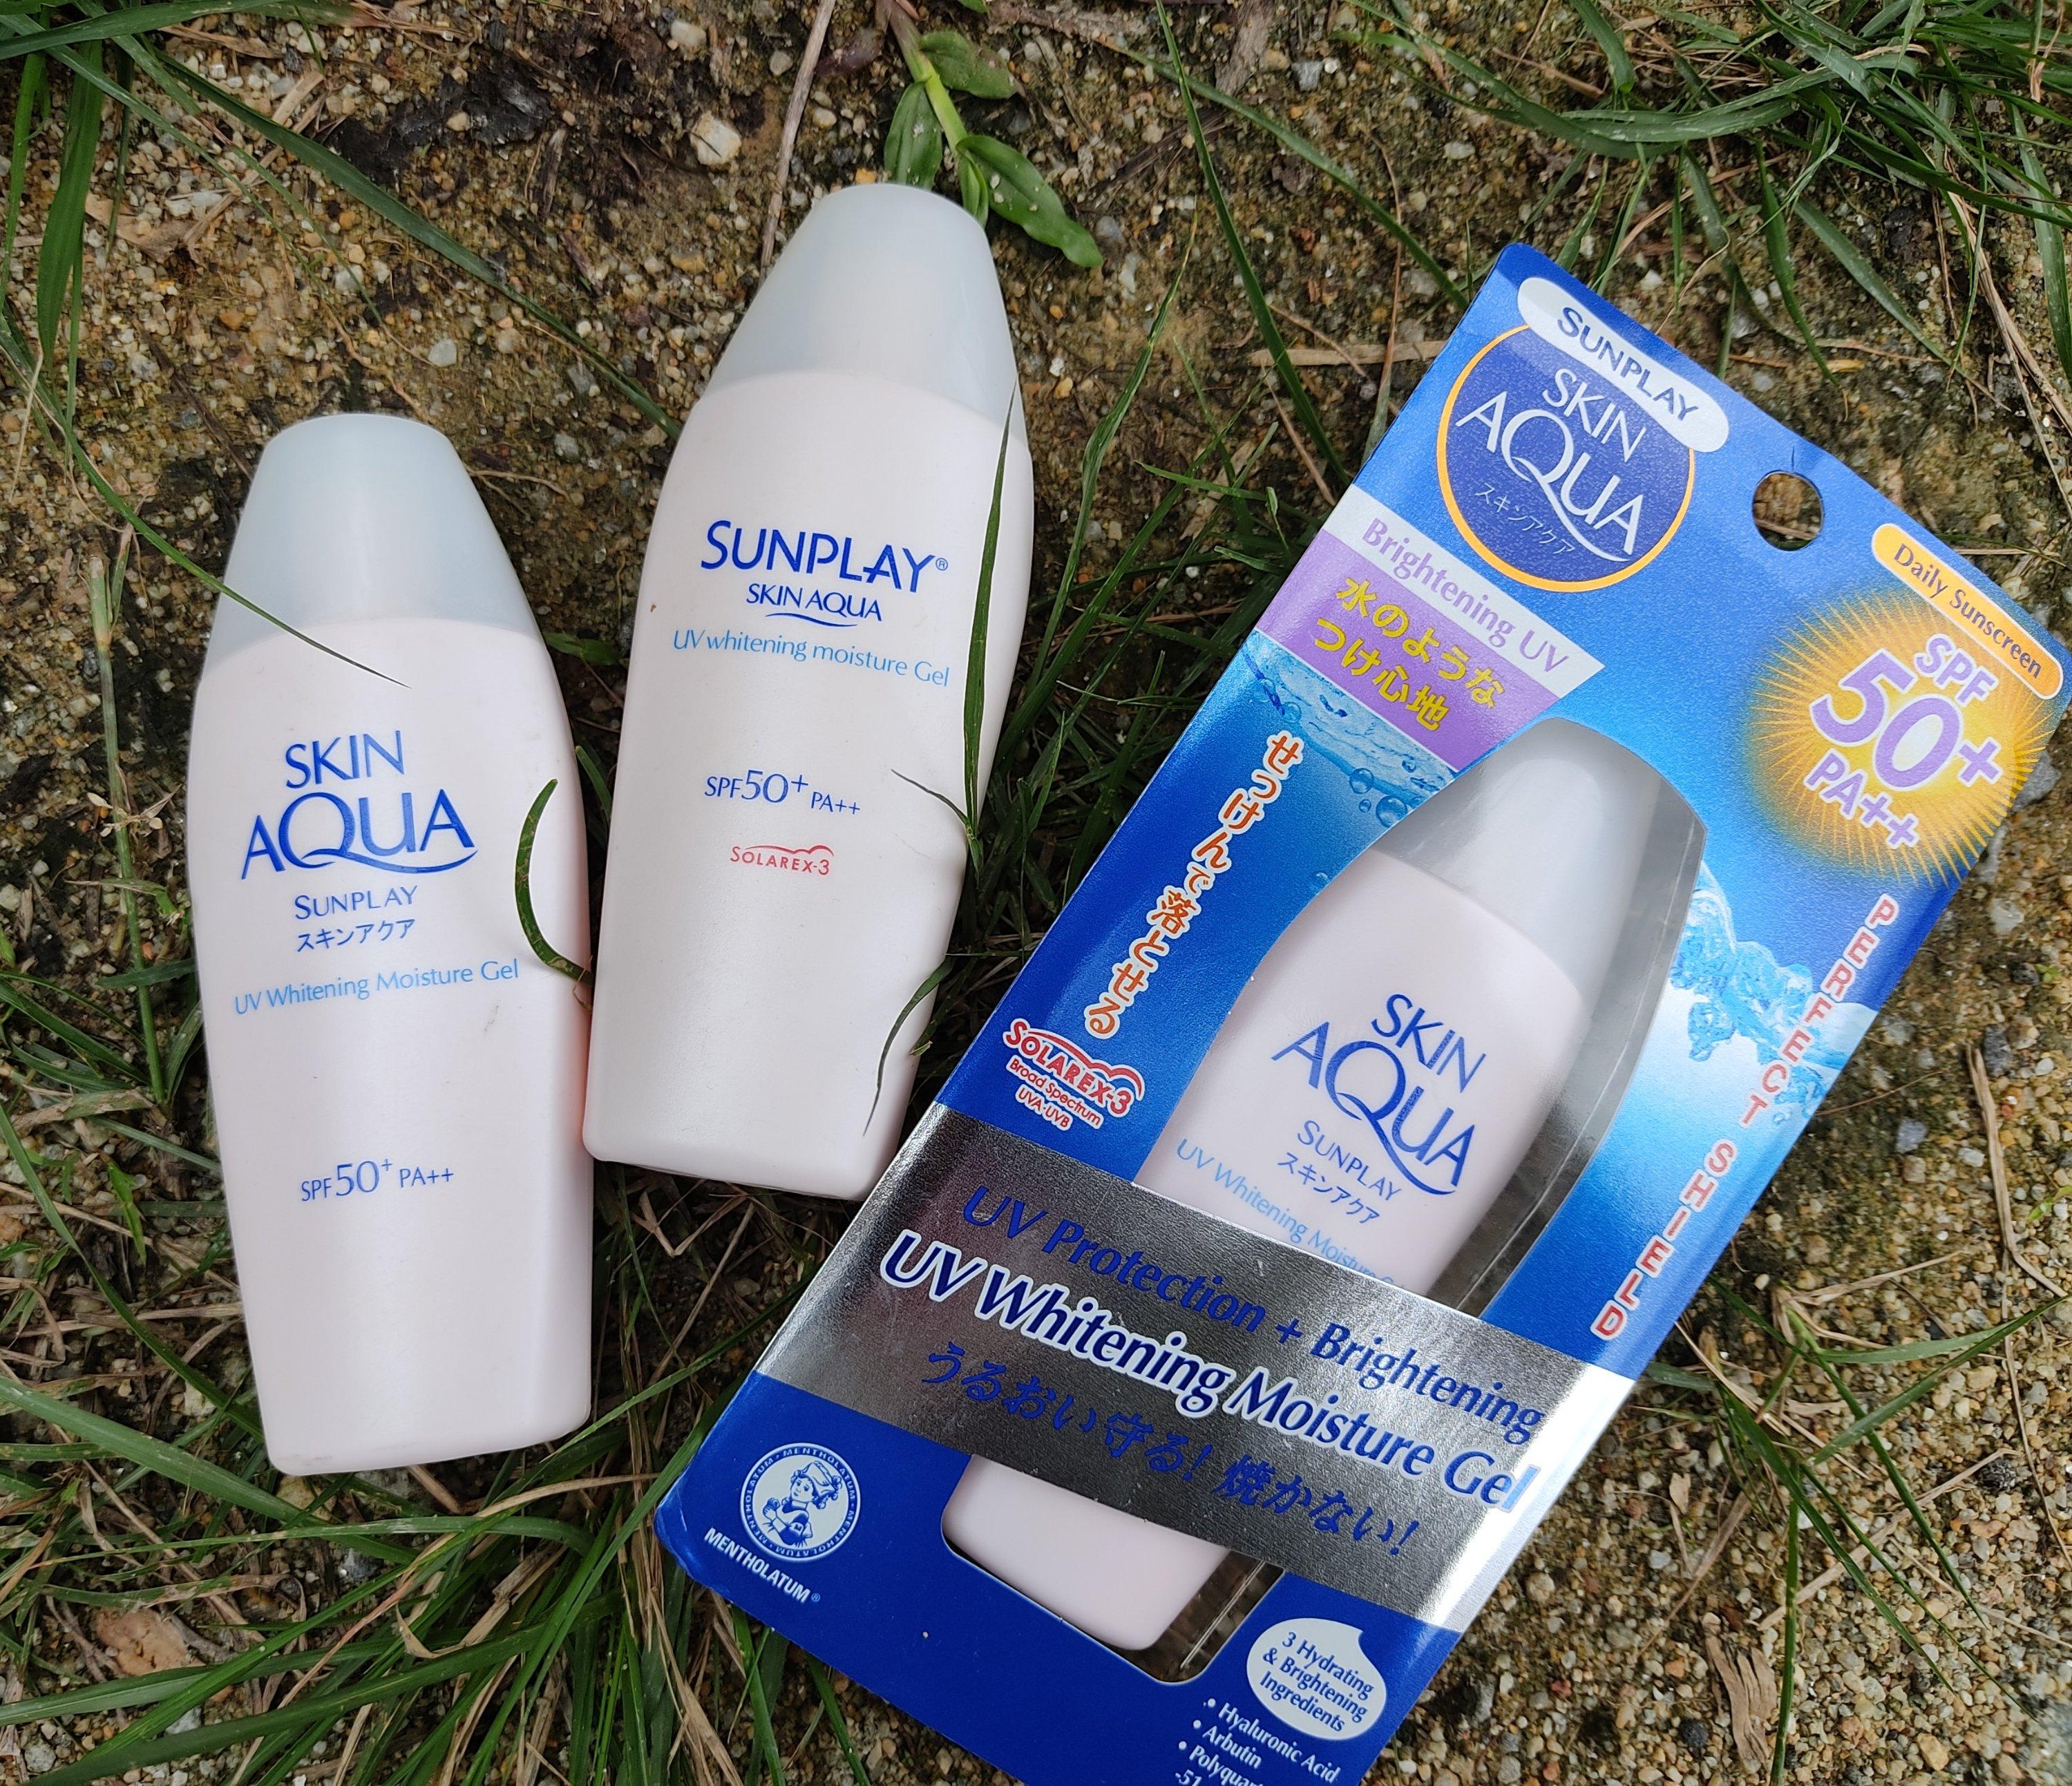 REVIEW | Sunplay Skin Aqua UV Whitening Moisture Gel